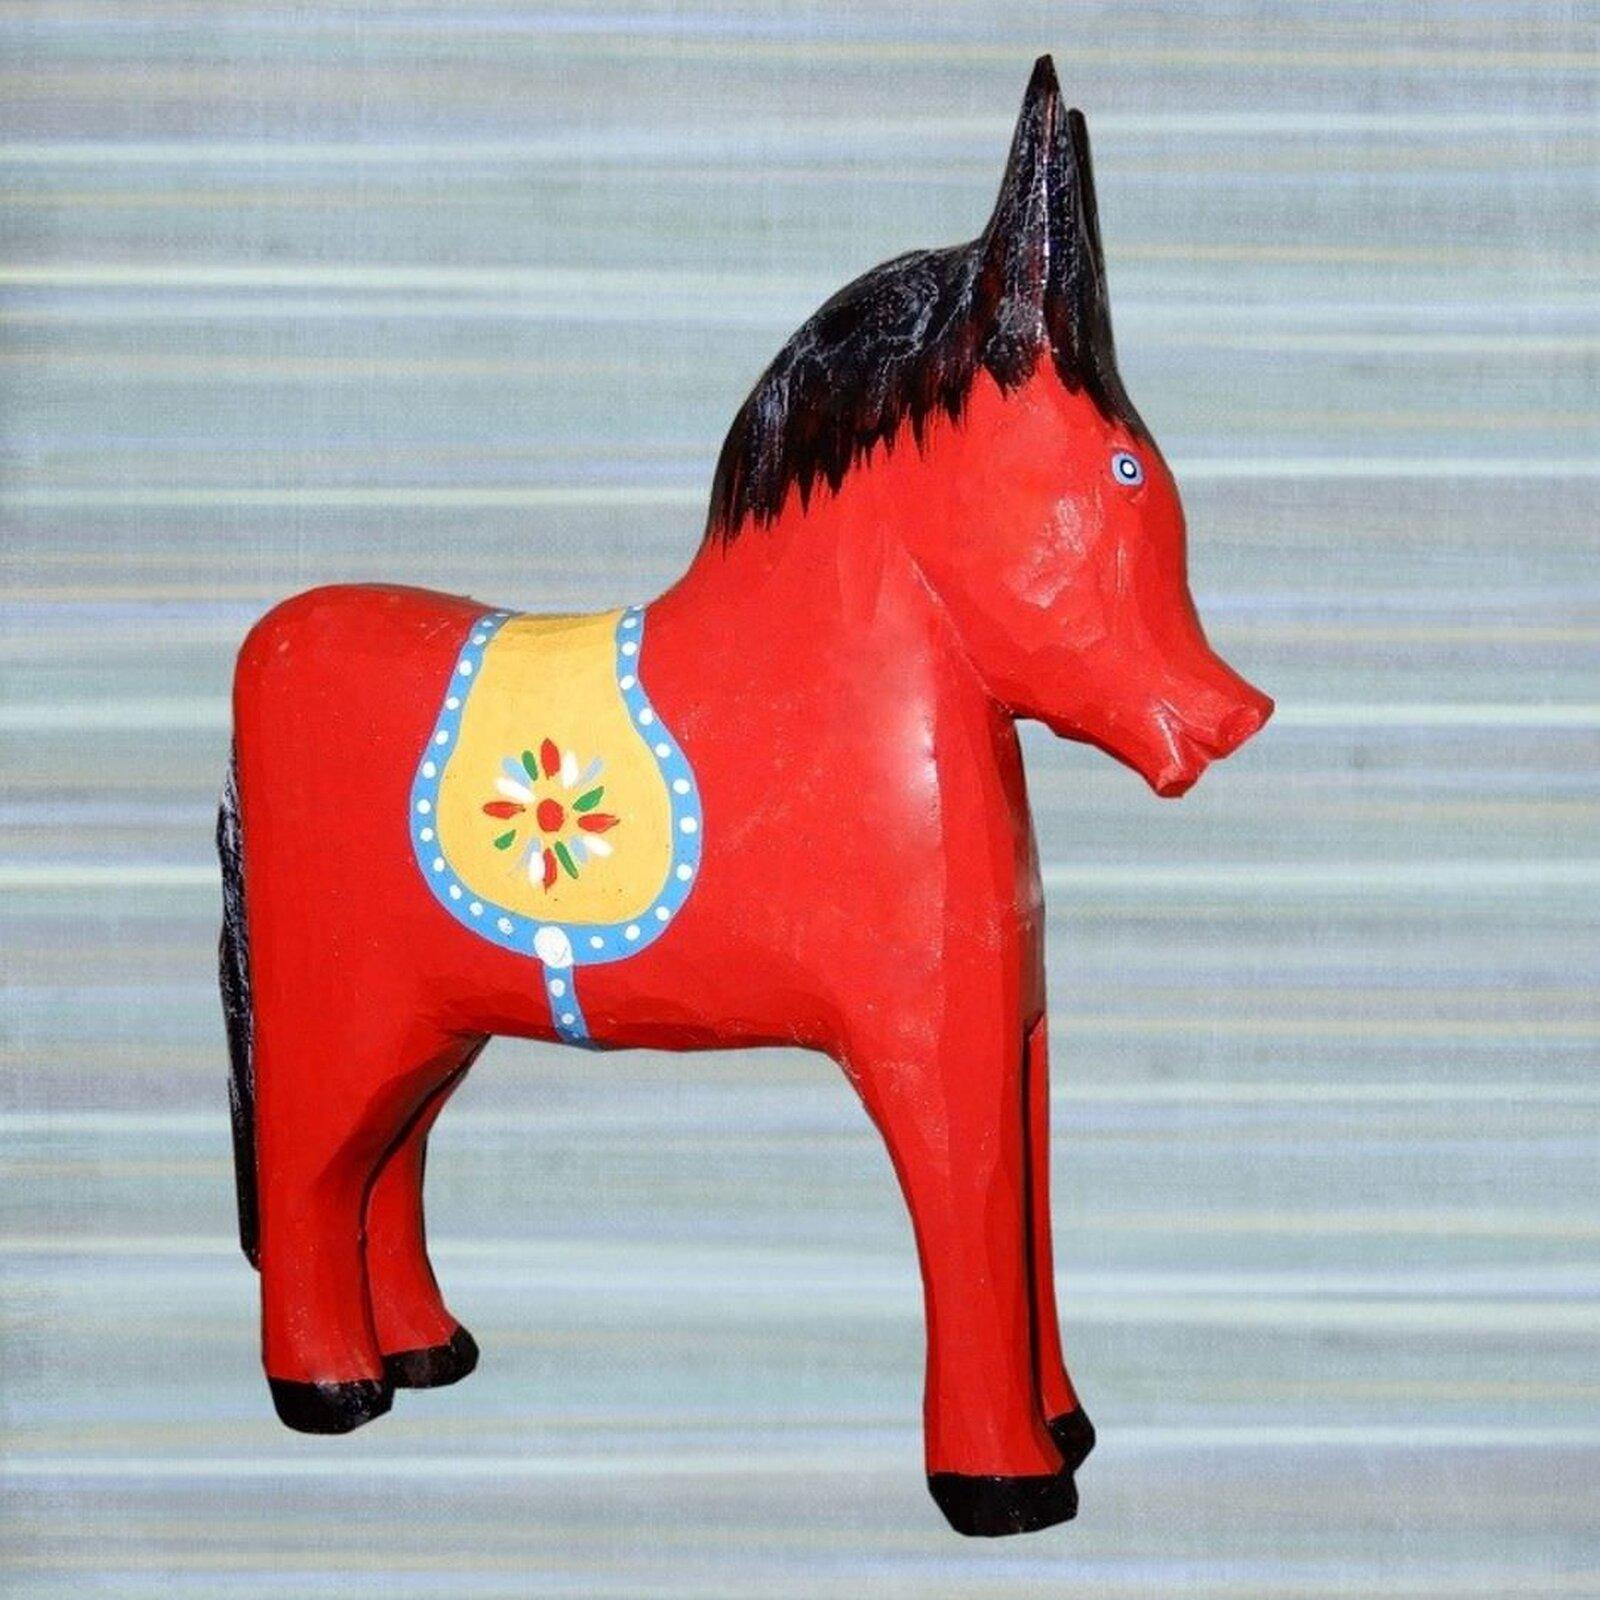 Ilustracja przedstawia zabawkowego konika wkolorze czerwonym. Konik ma czarną grzywę inamalowane żółte siodło ozdobione kolorowym kwiatkiem.